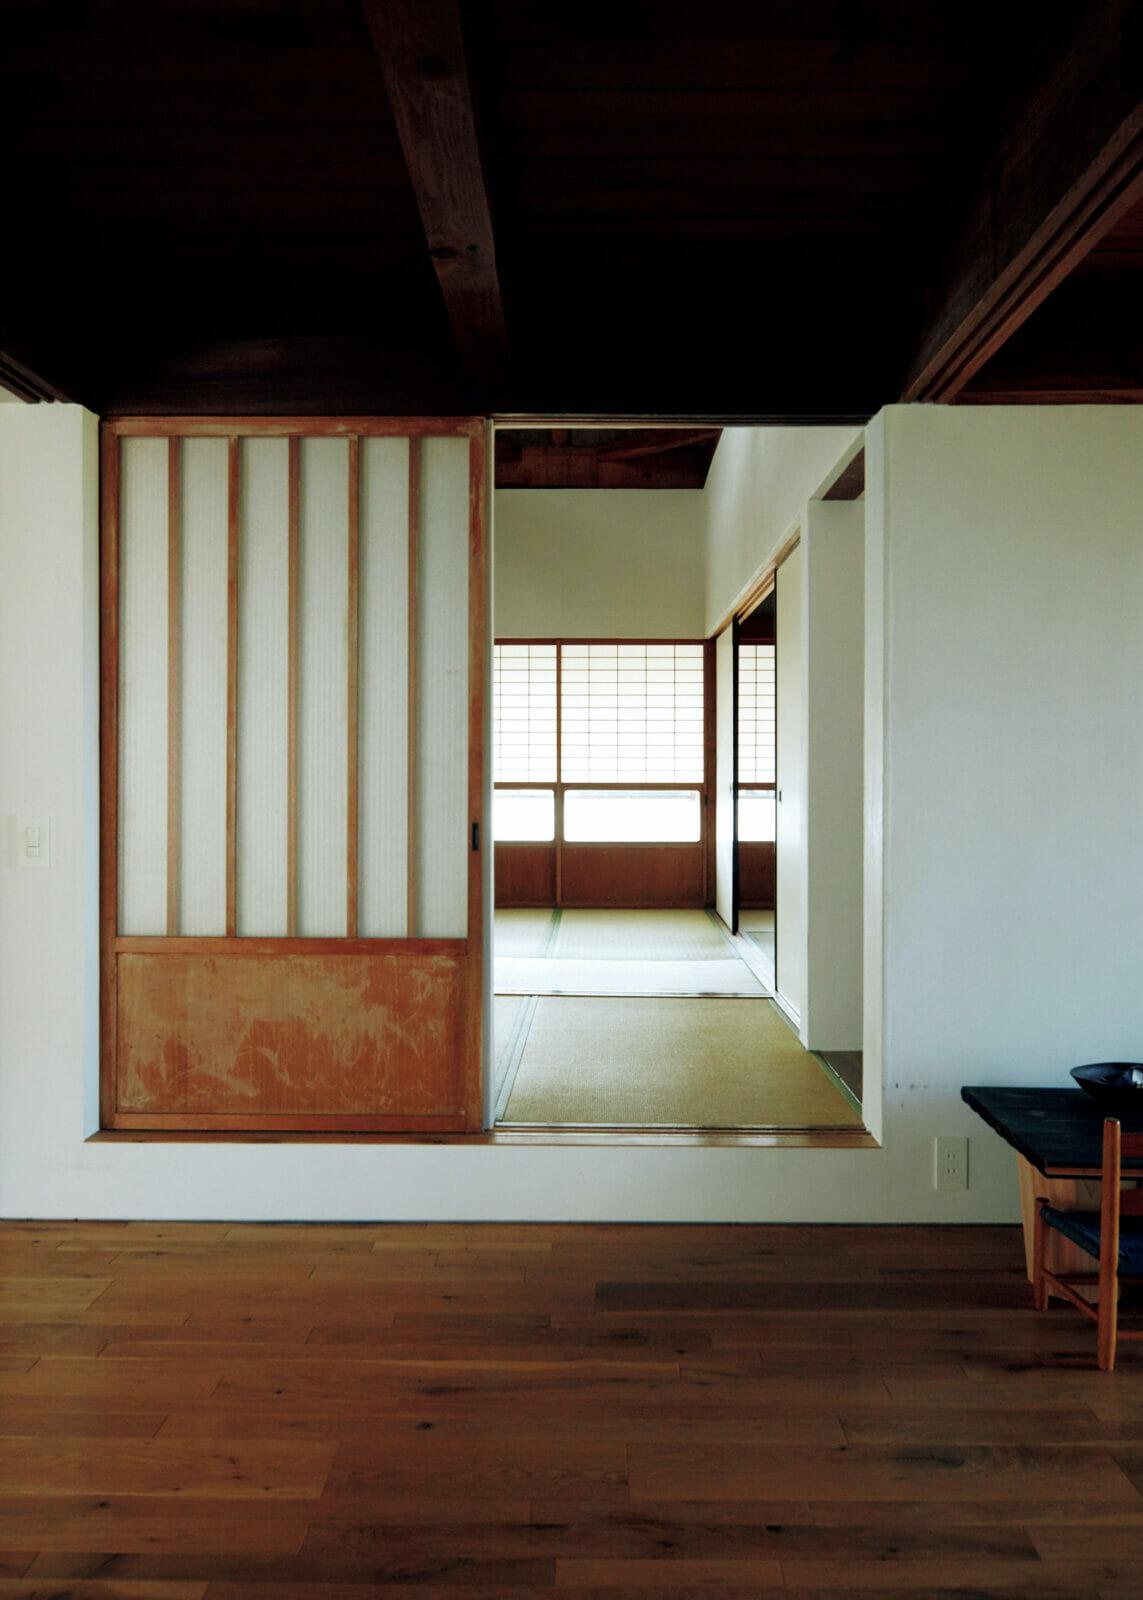 リビングからも小上がりへ直接アクセスできる。いくつもの建具がレイヤーのように重ね合わされた、からくり箱のような家でもあり、その建具の開け閉めの組み合わせで空間のボリュームや景色の見え方が変わる。